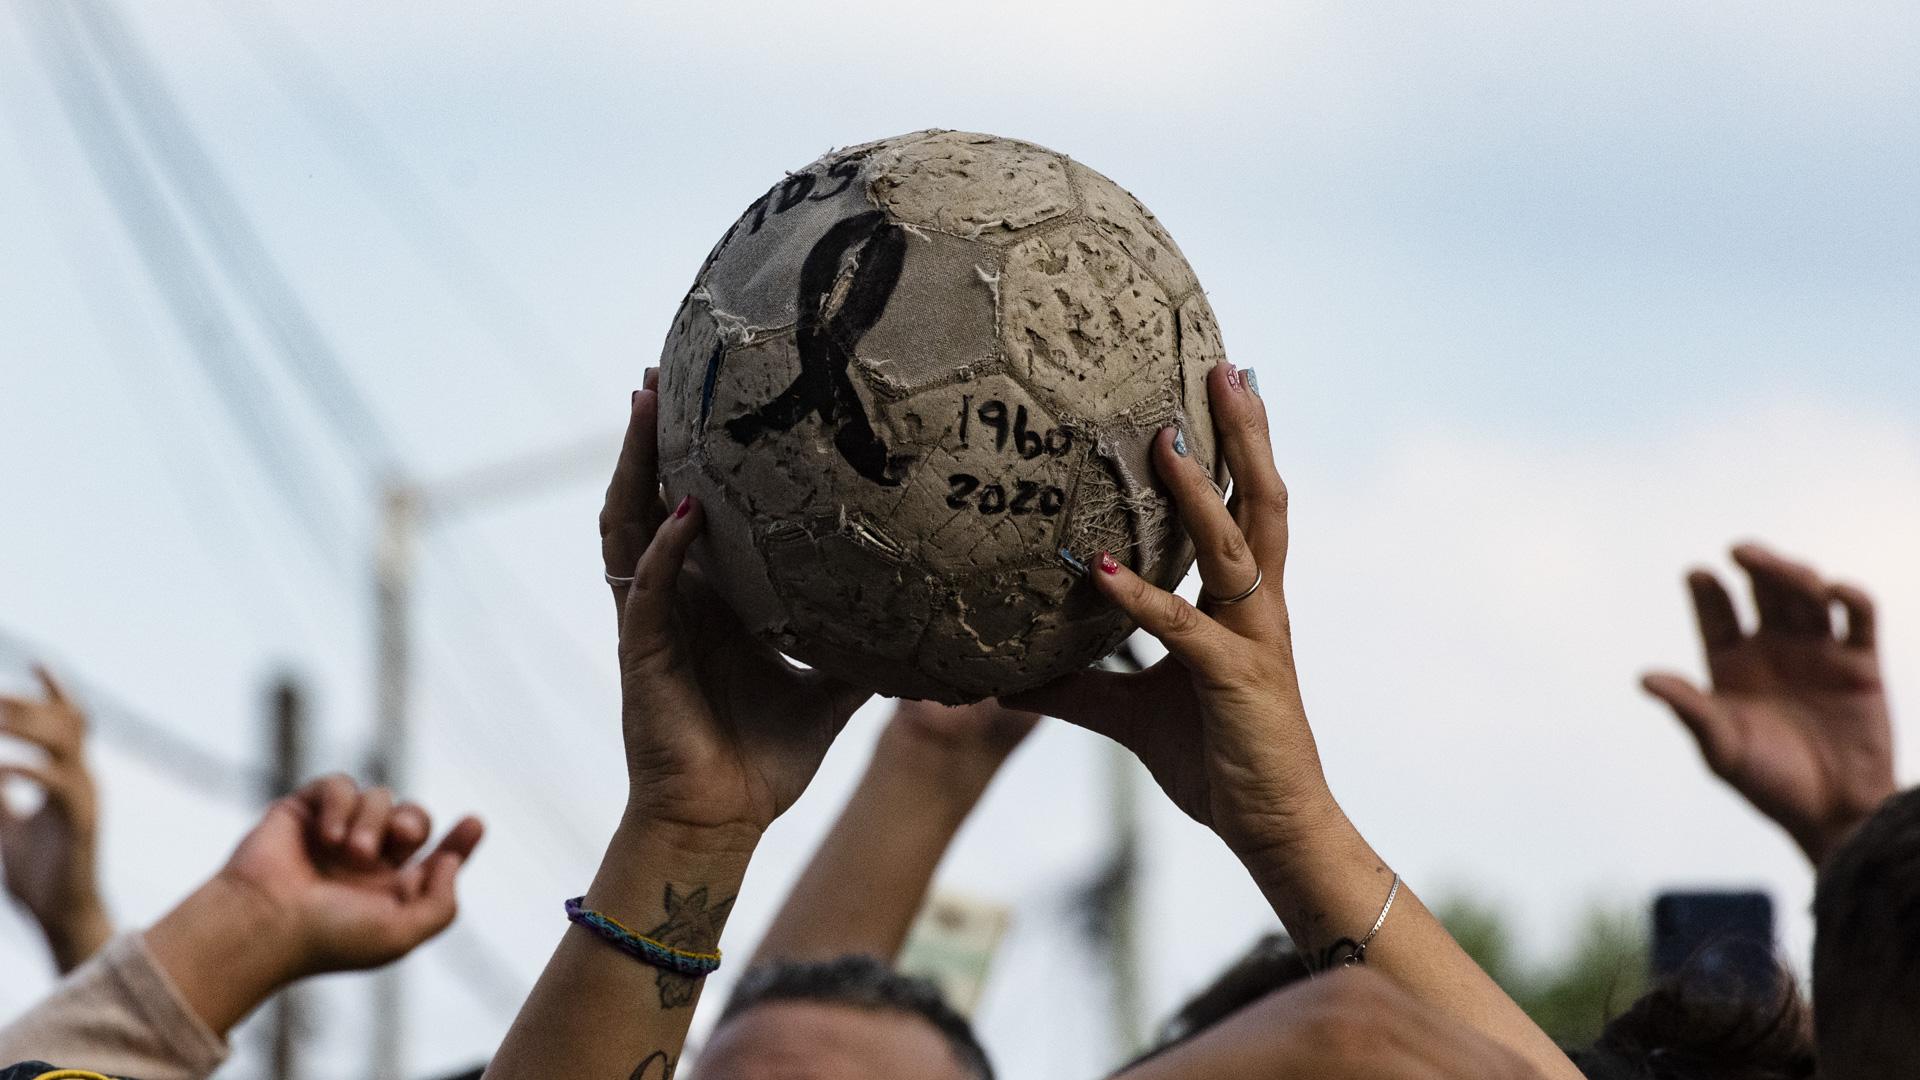 La pelota, con las fechas de nacimiento y muerte del Diez (Adrian Escandar)